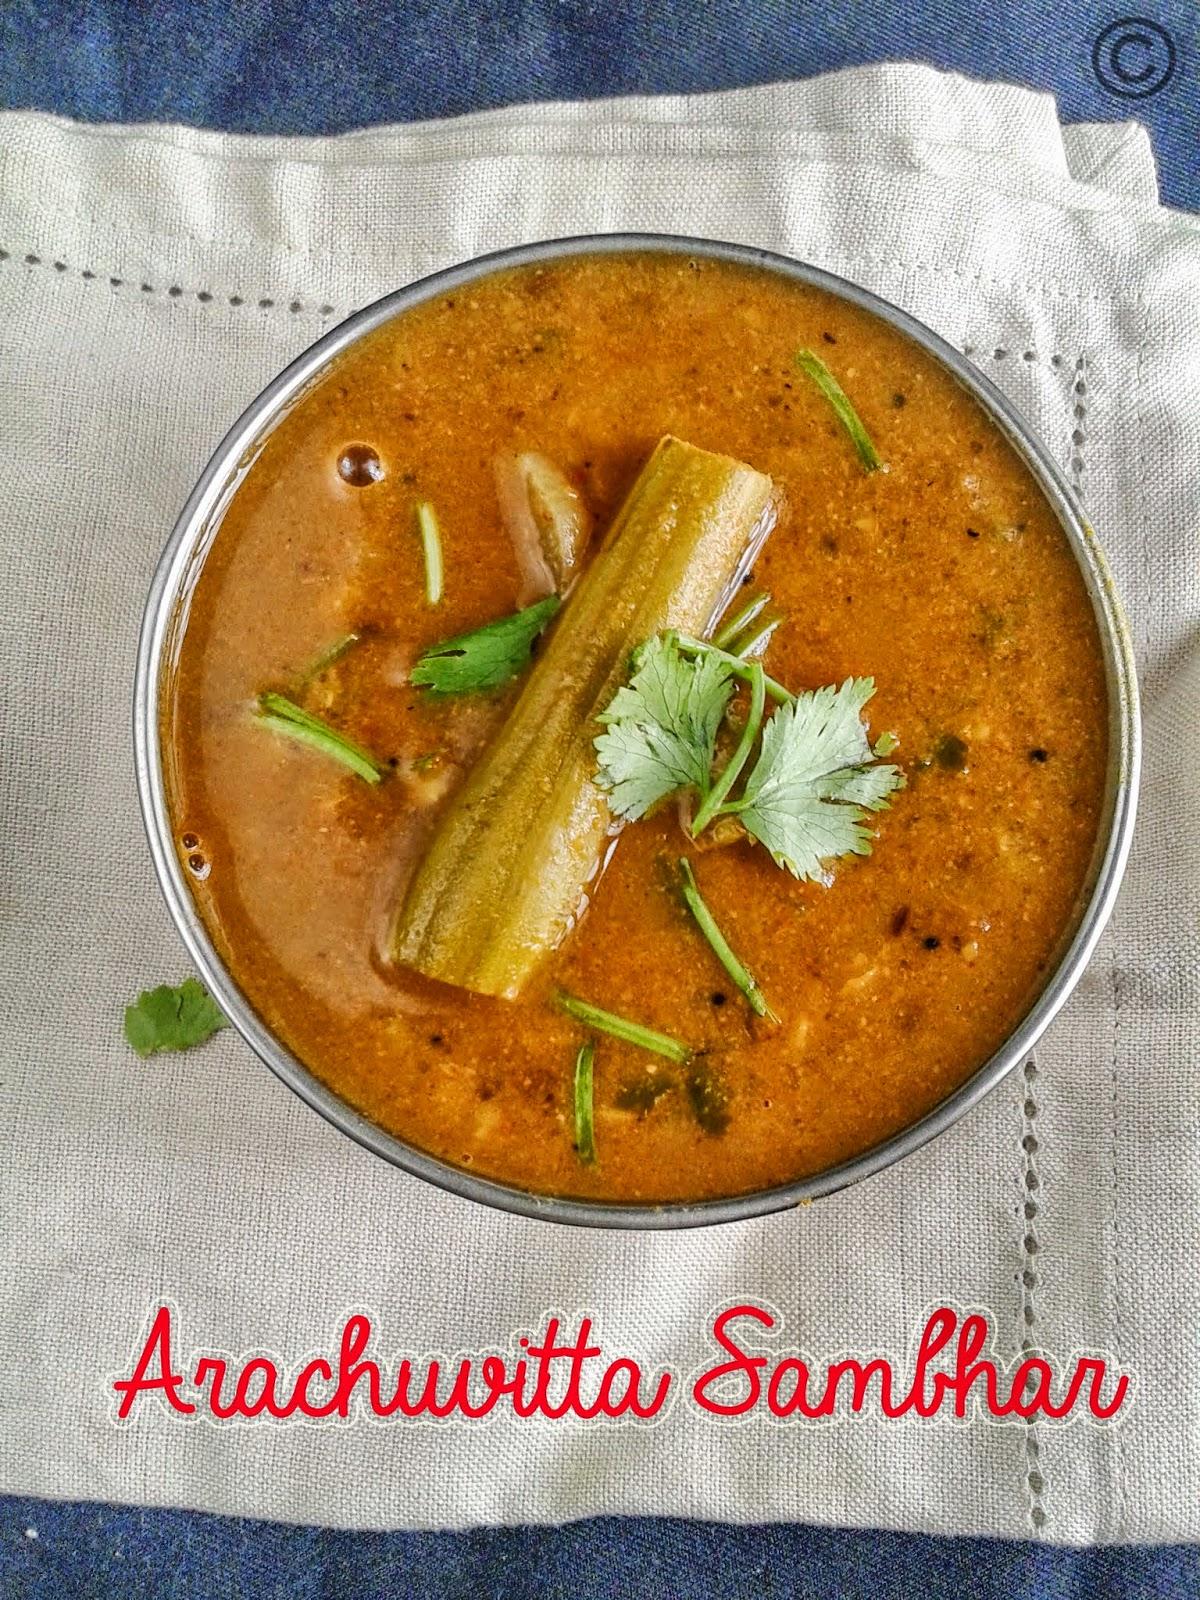 varuthu-aracha-sambhar